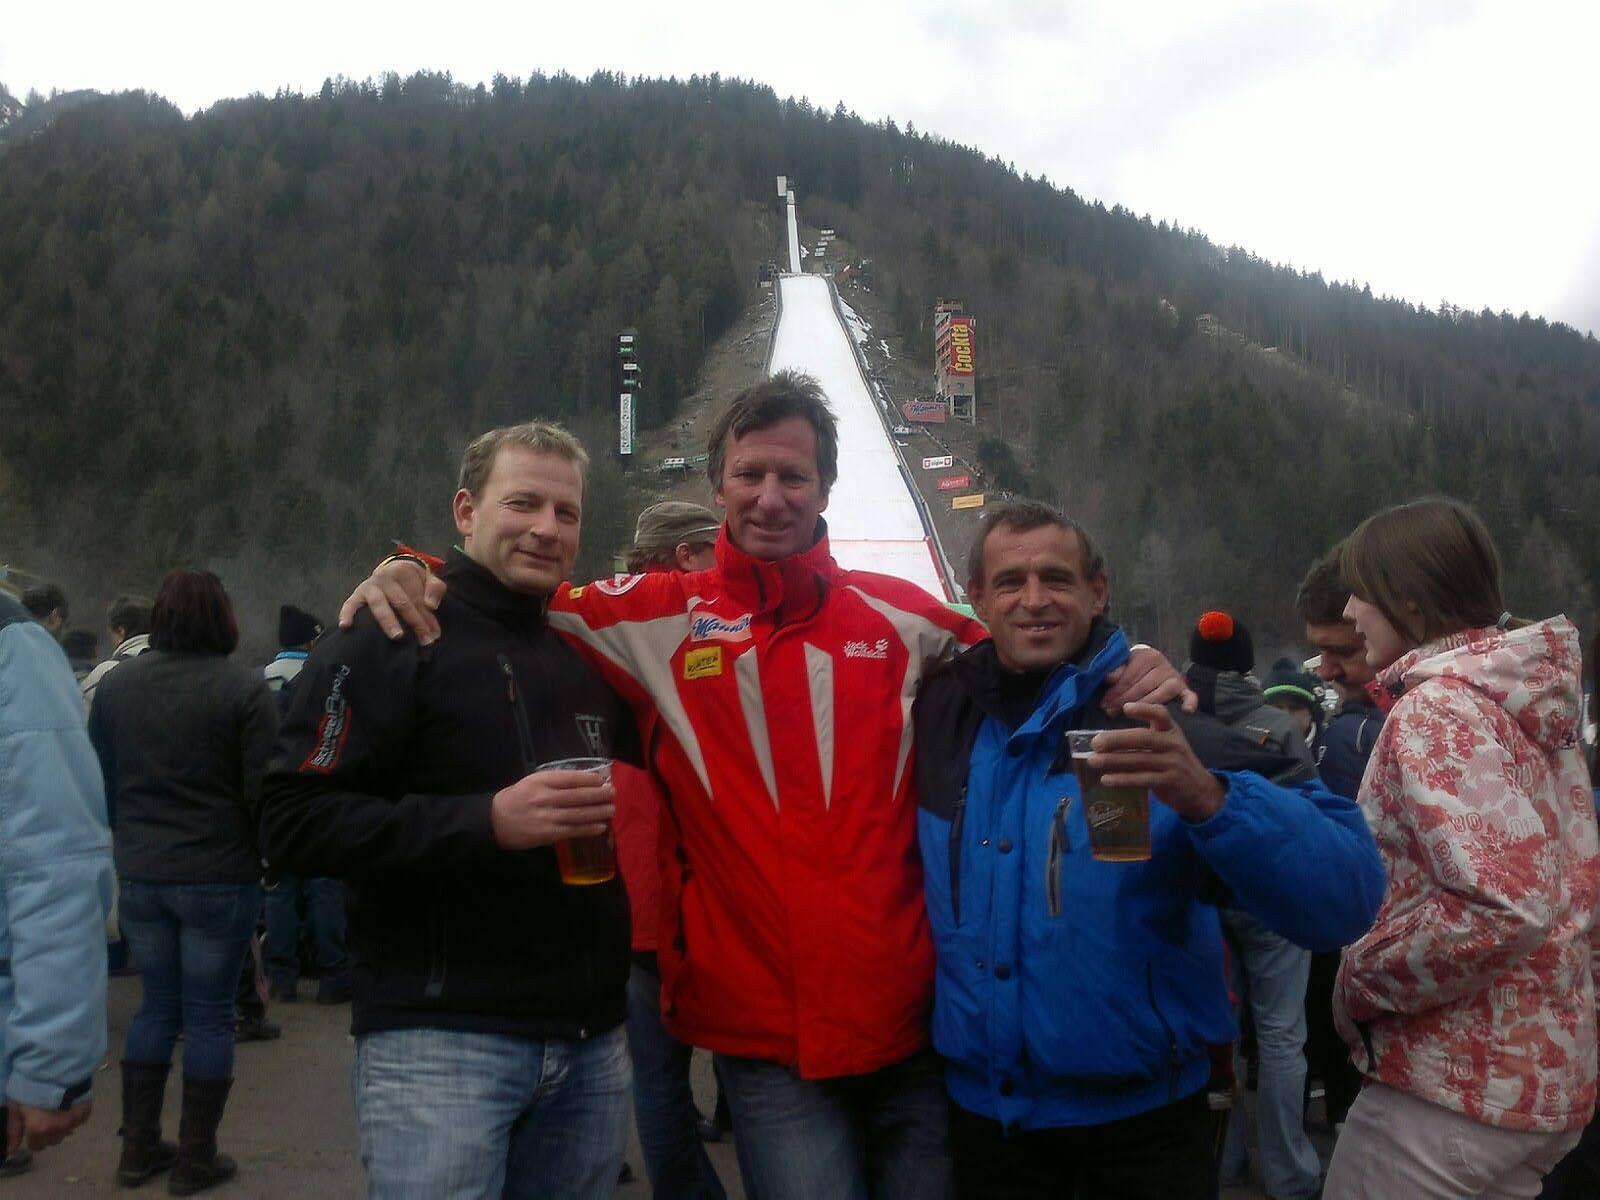 Jürgen Truppe, Fritz Koch und Willi Sinz vor der Skiflugschanze in Planica.